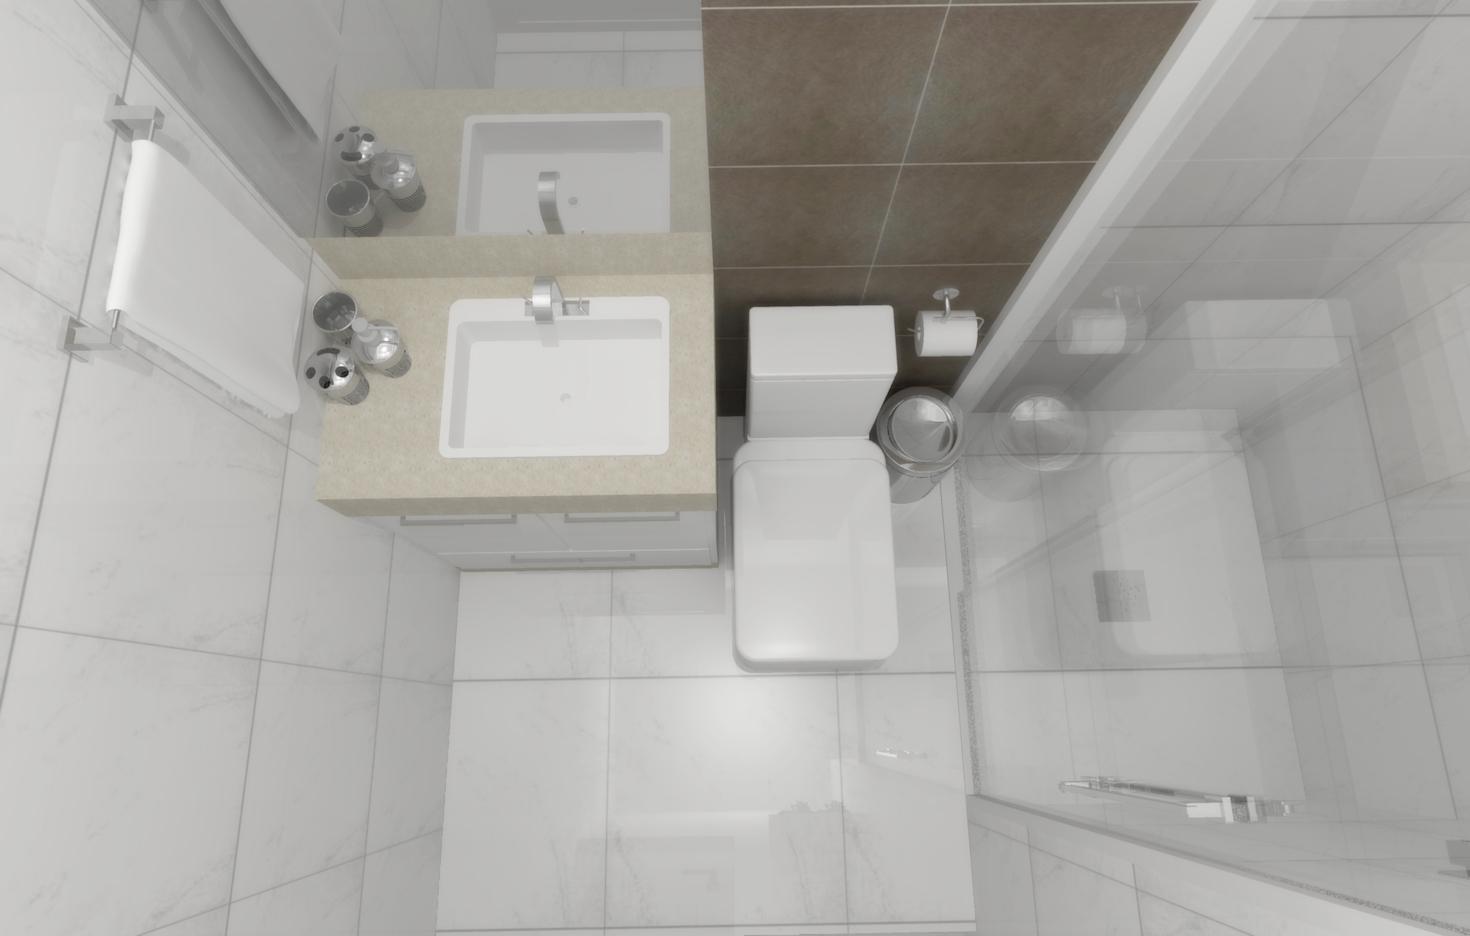 Imagens de #595146 Reuni alguns banheiros e lavabos de casas e apartamentos todos  1470x936 px 3714 Banheiros Planejados Sofisticados